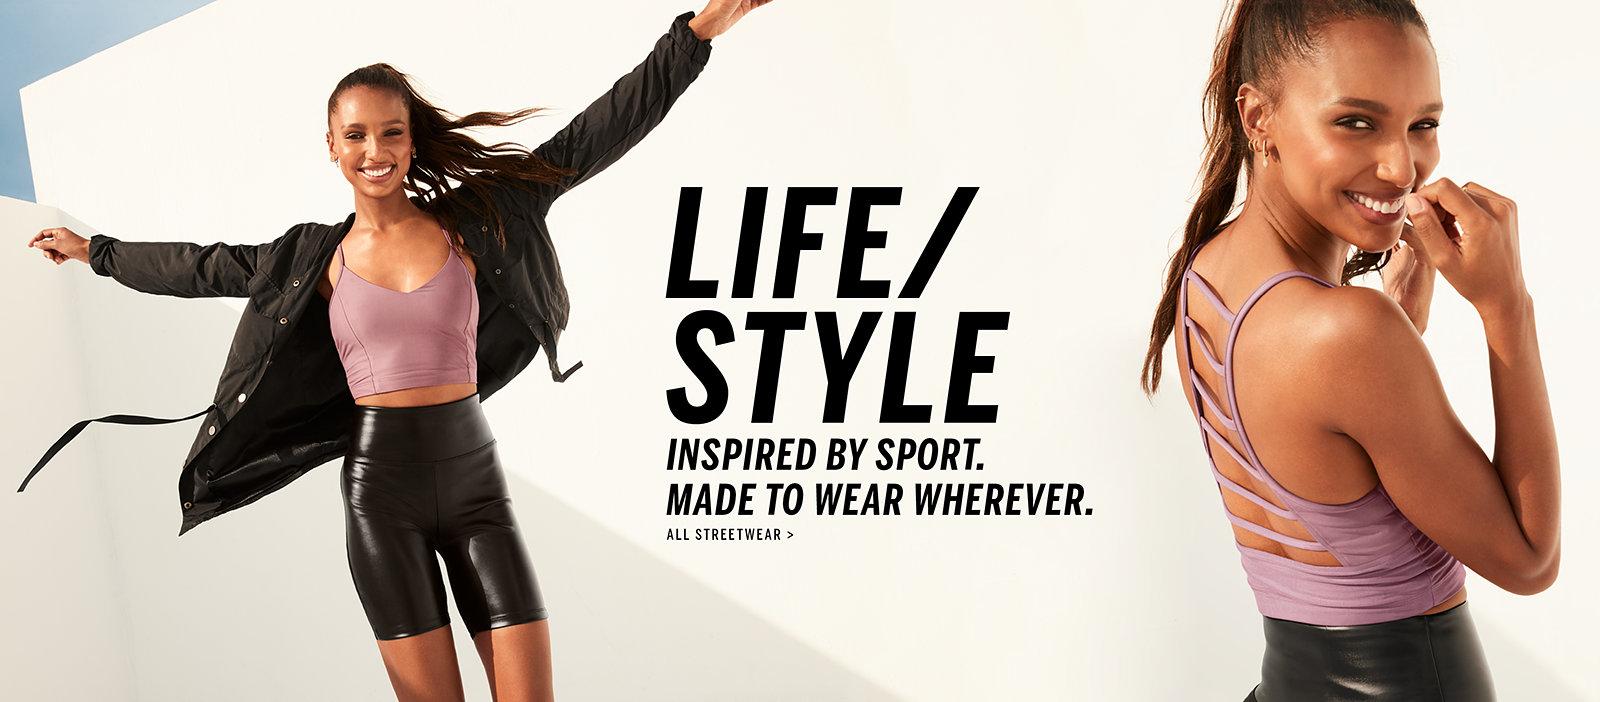 23-021519-sport-streetwear-feature-1.jpg